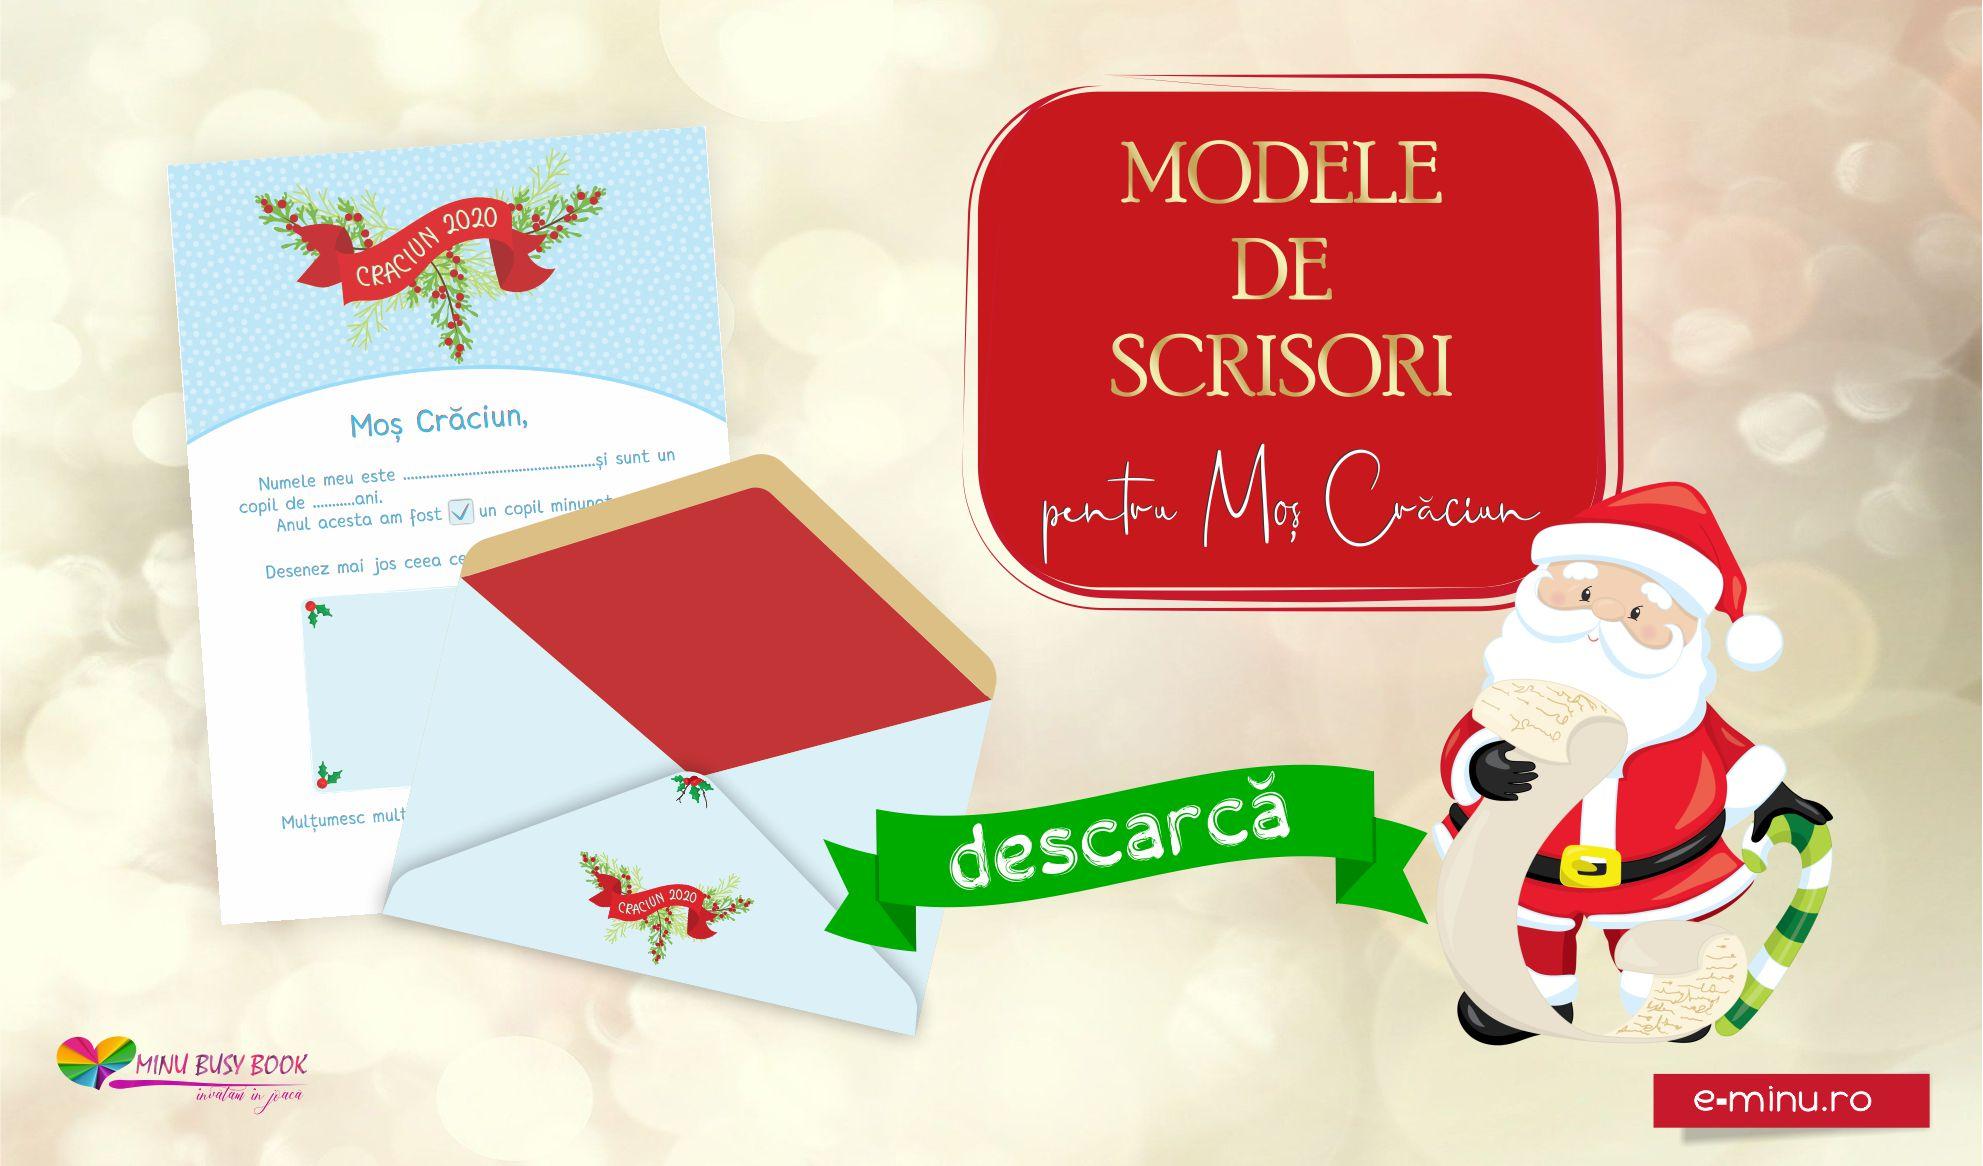 Modele de scrisori pentru Mos Craciun